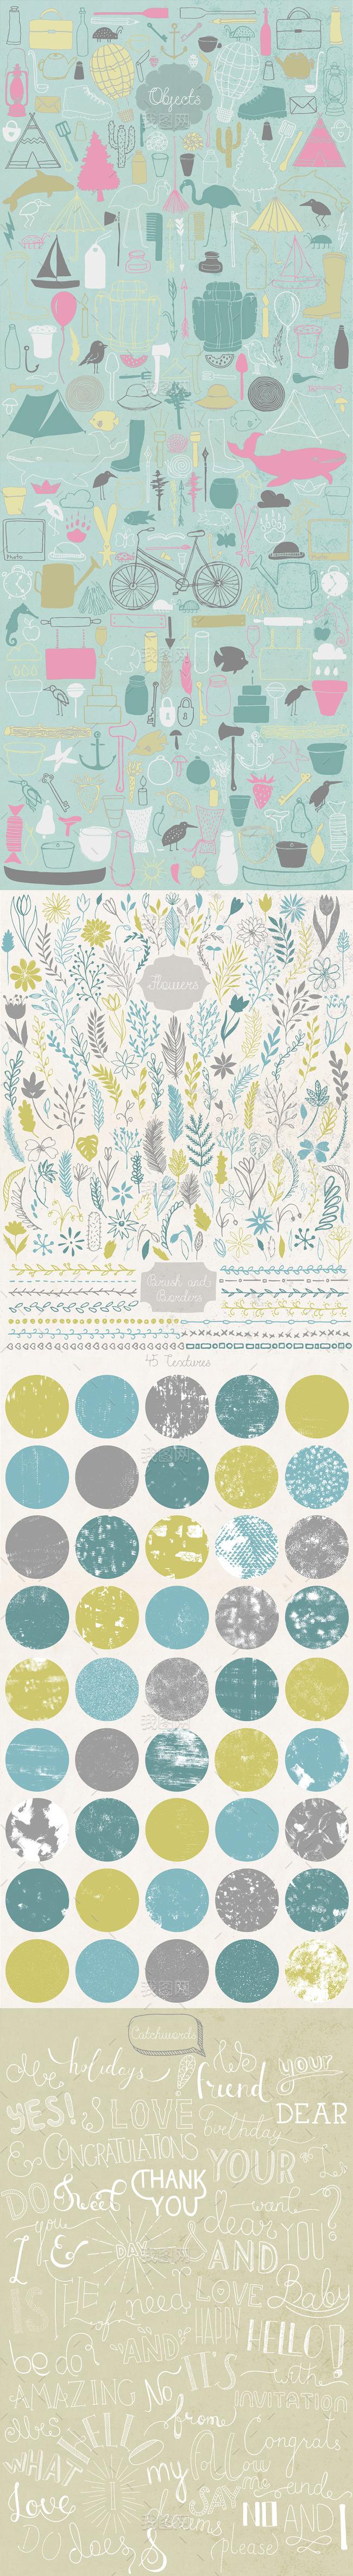 高端手绘花纹图案边框水彩背景设计元素合集